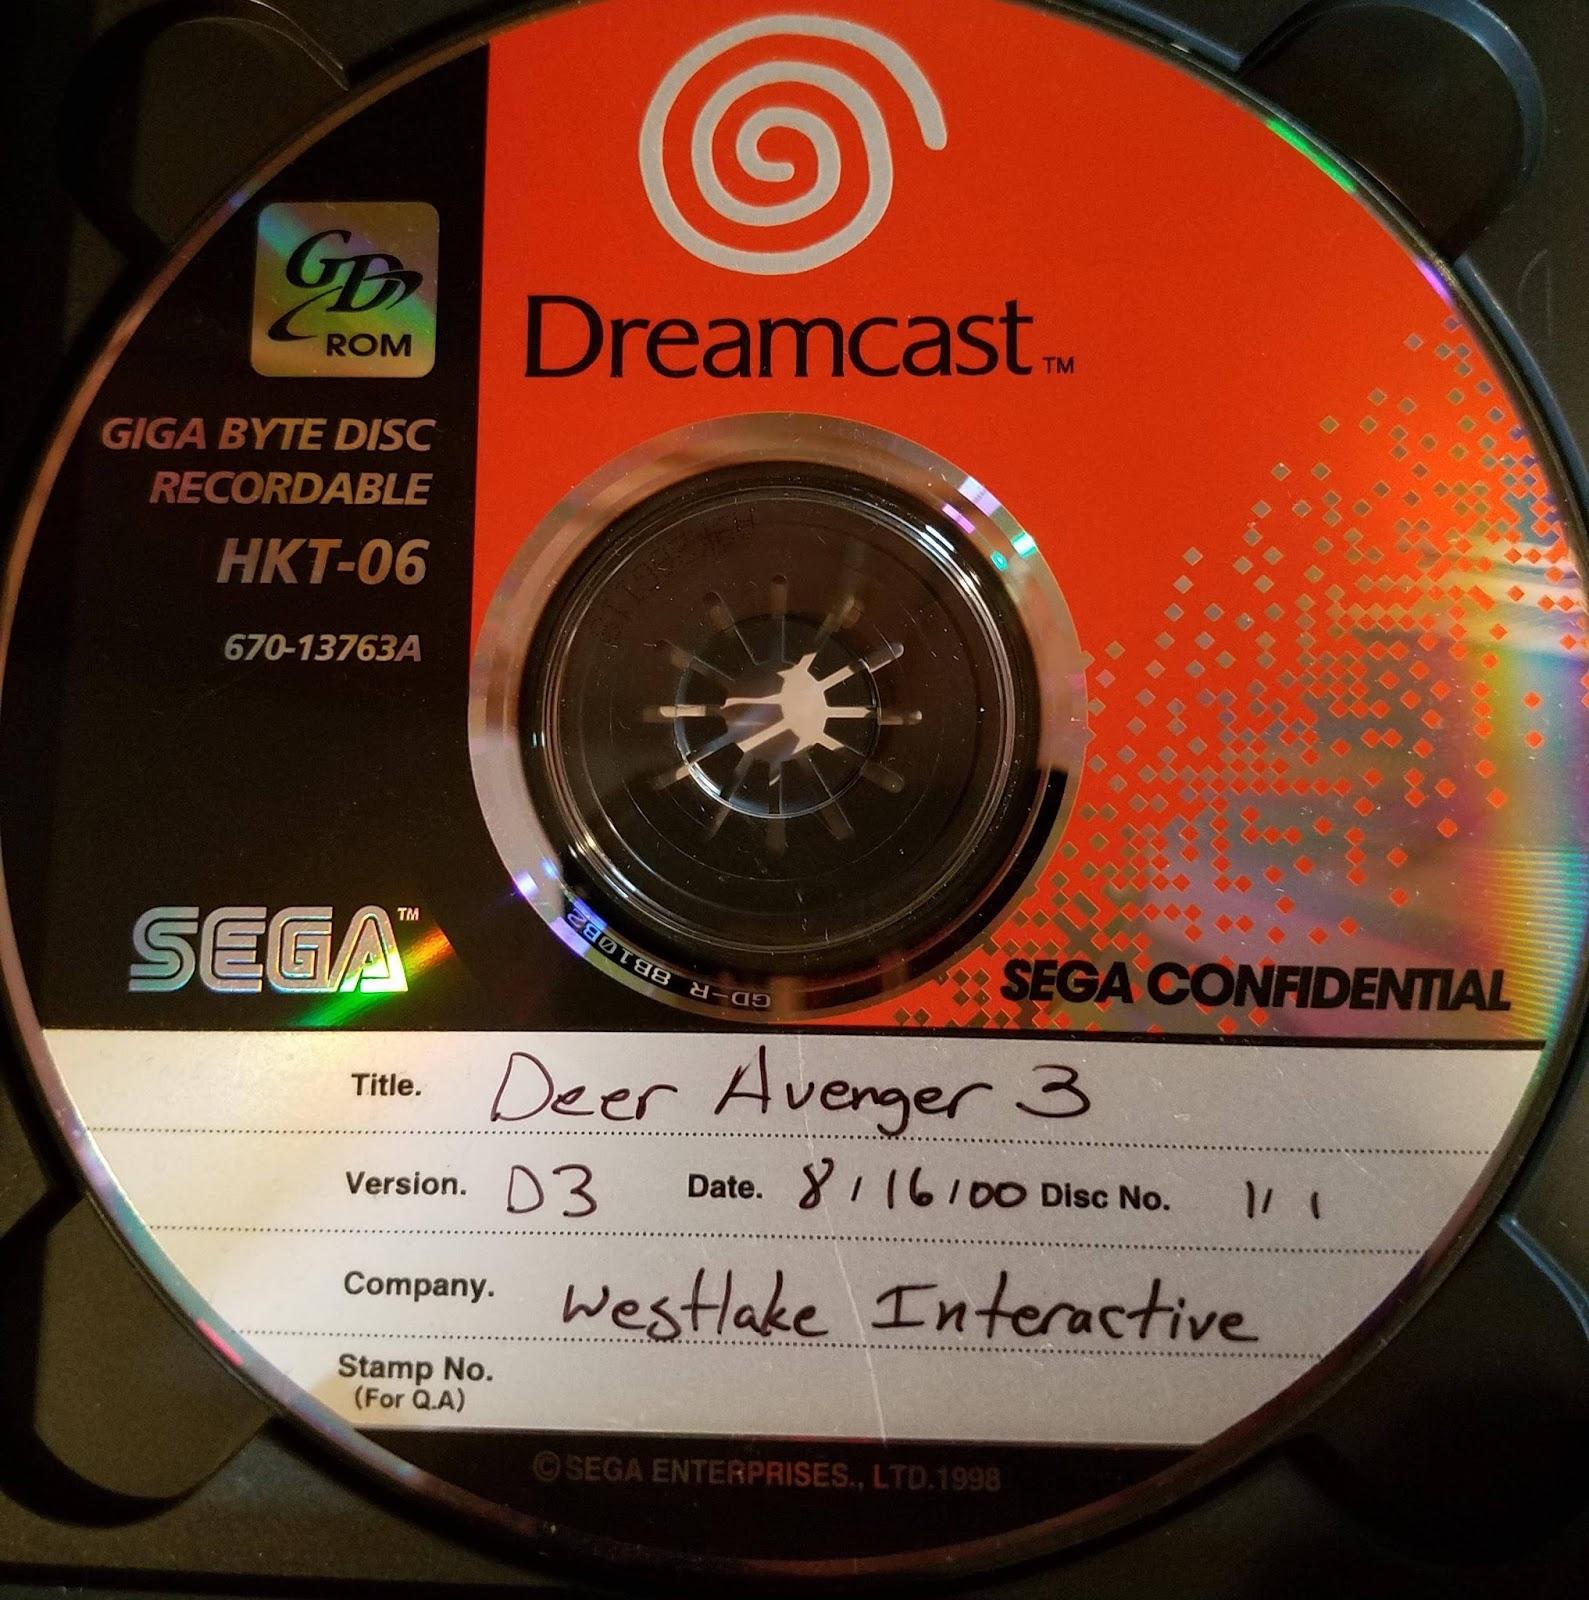 The Dreamcast Junkyard: Unreleased Dreamcast Game Deer Avenger 3